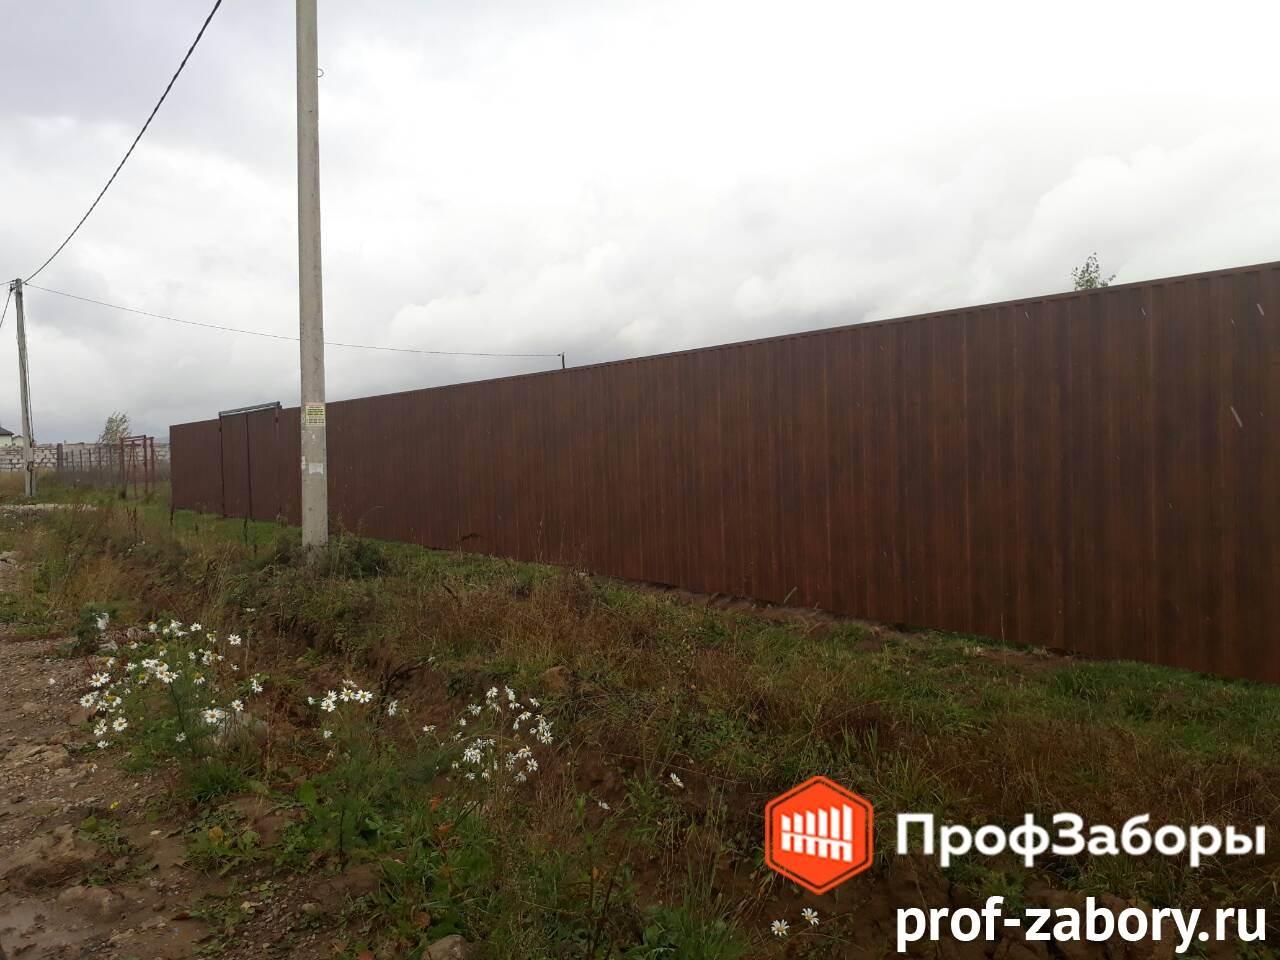 Заборы Из профнастила  - Городской округ Мытищи. Фото 2